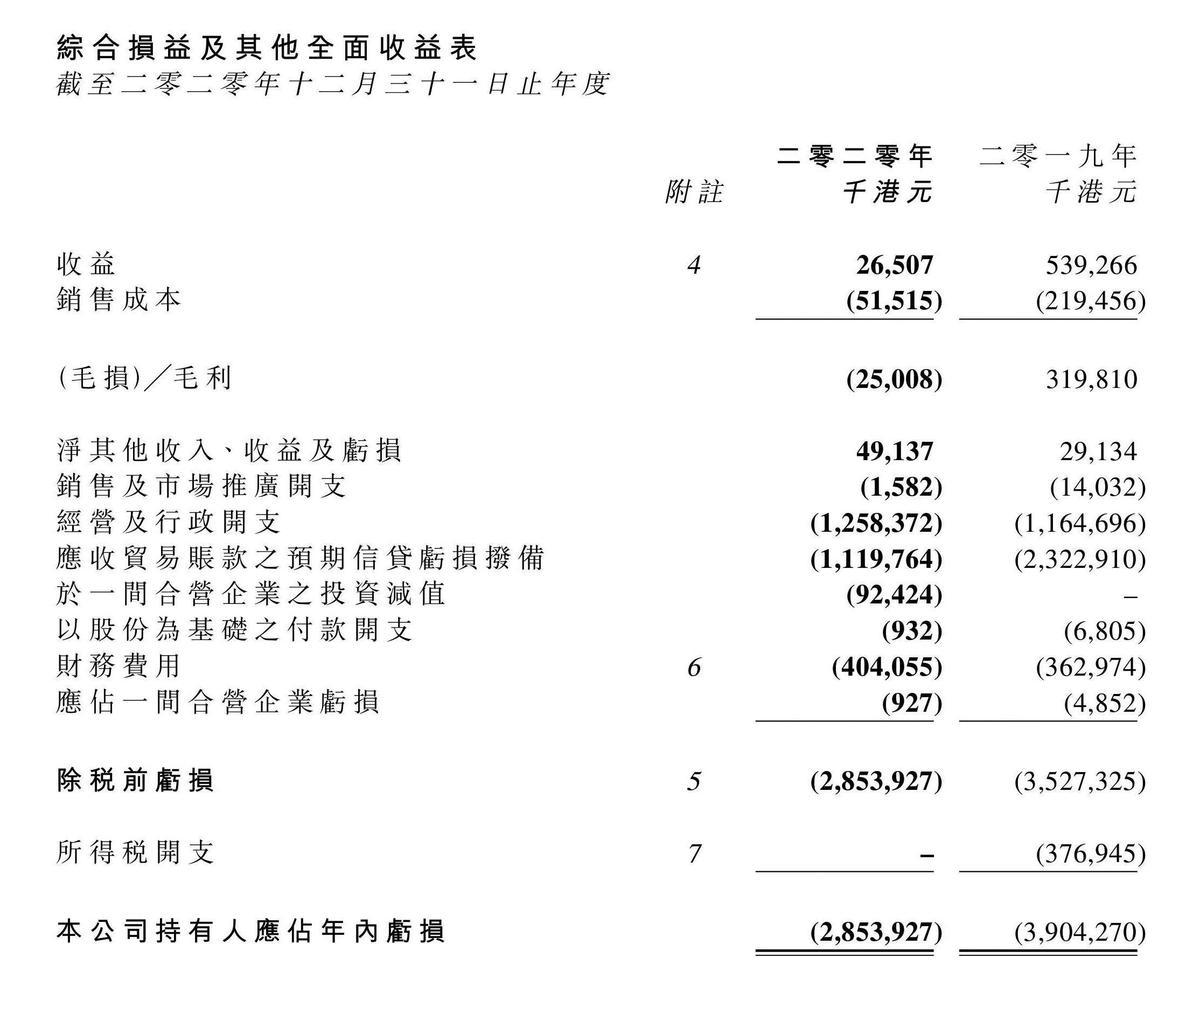 「博華太平洋」去年的財報揭露公司虧損嚴重。(翻攝自EquityNet官網)